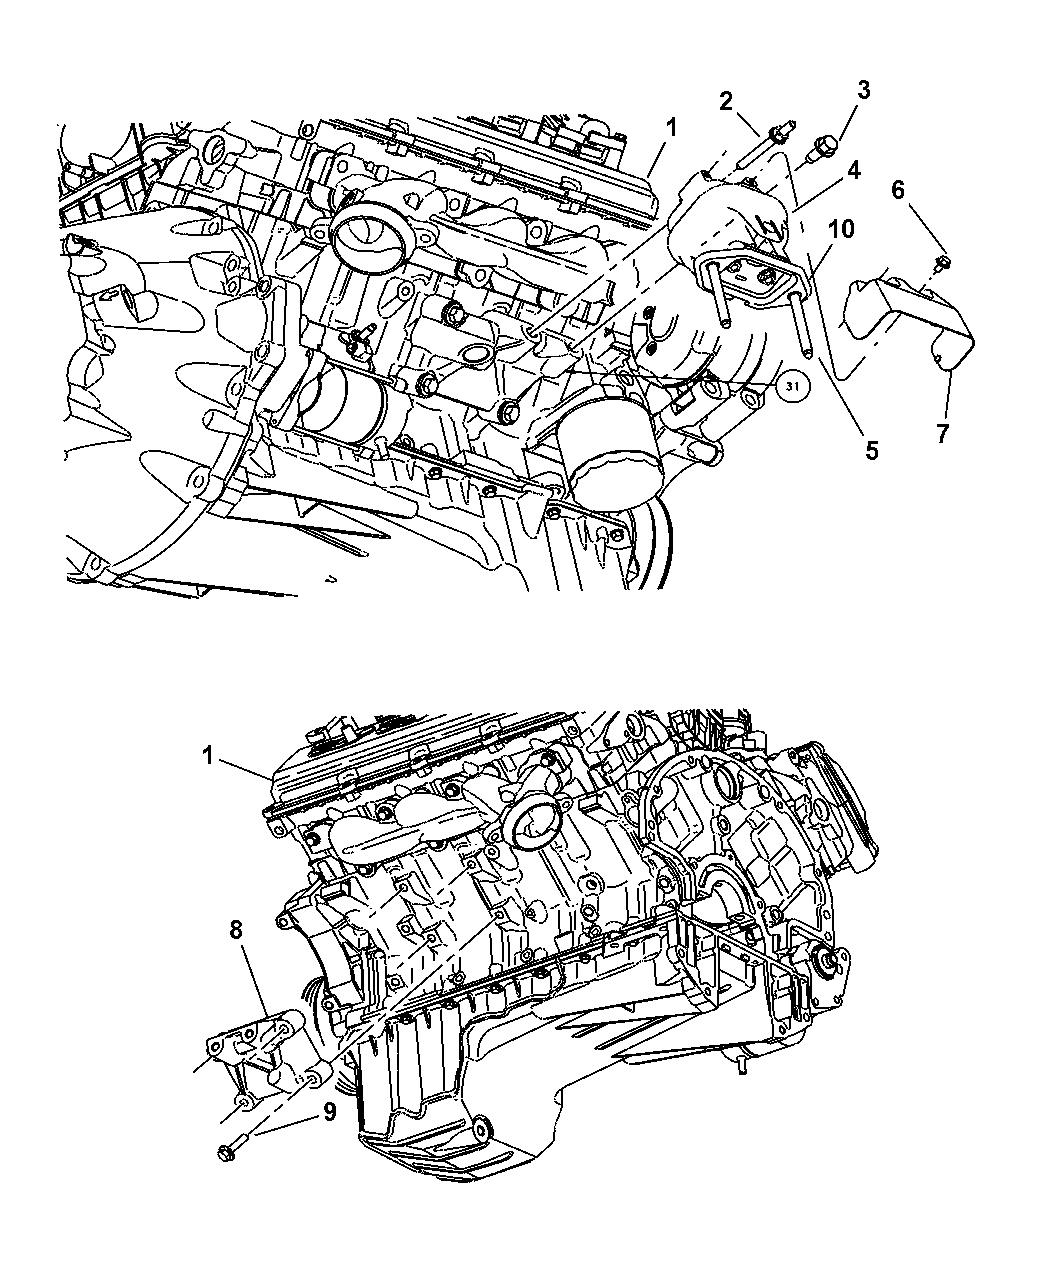 4578046ac Genuine Mopar Support Engine Support